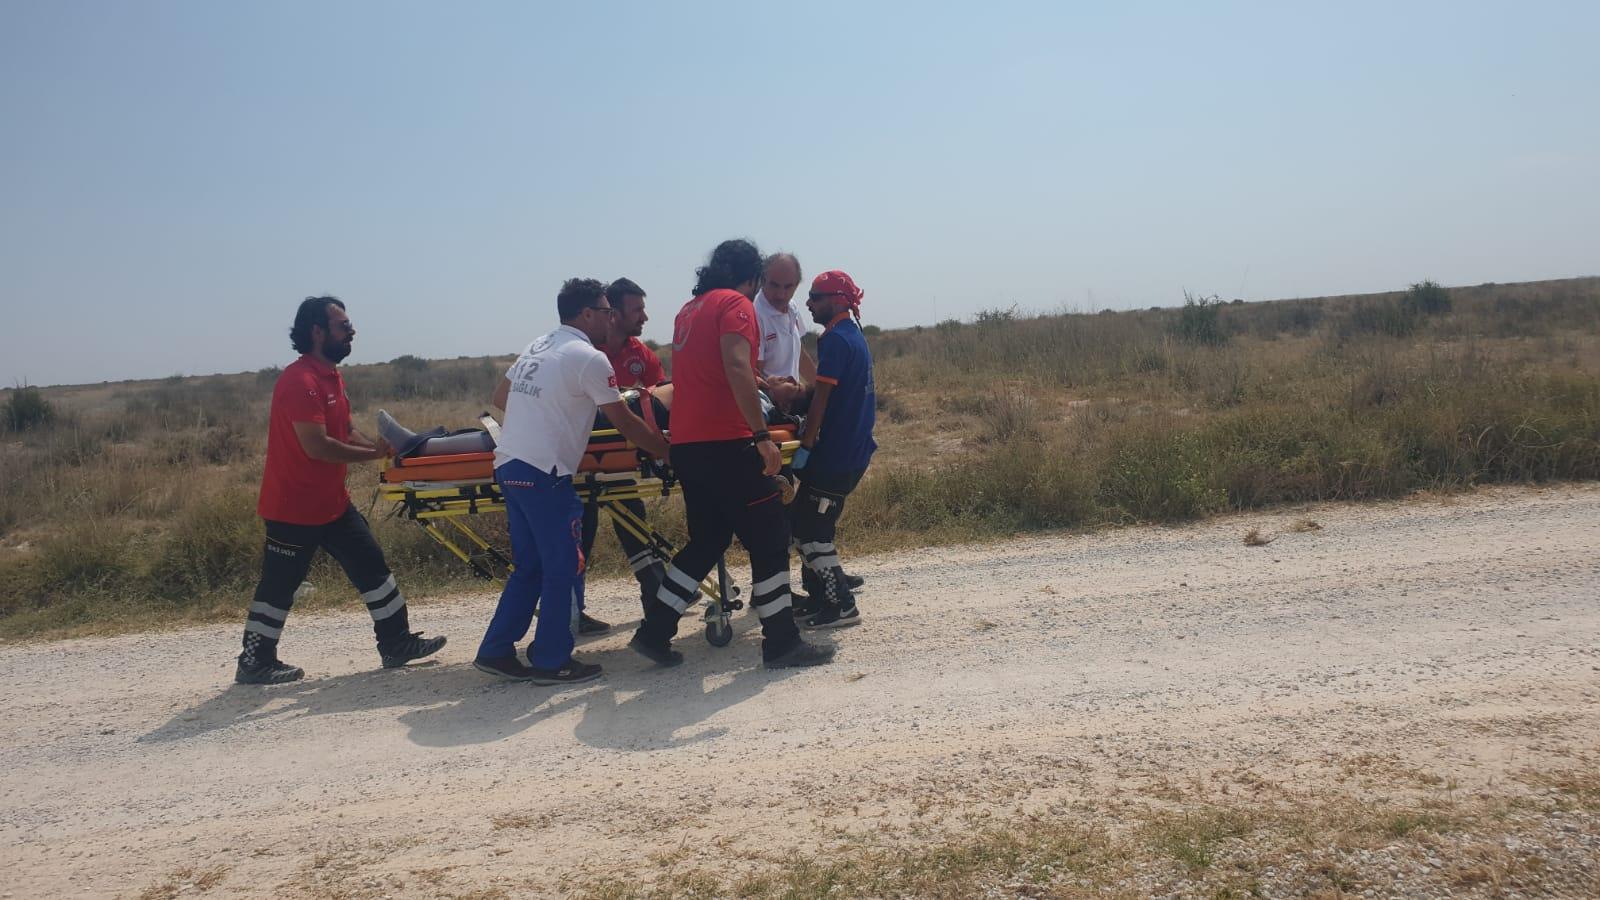 TransAnatolia yarışlarındaki kazada Türk motosikletçi yaralandı